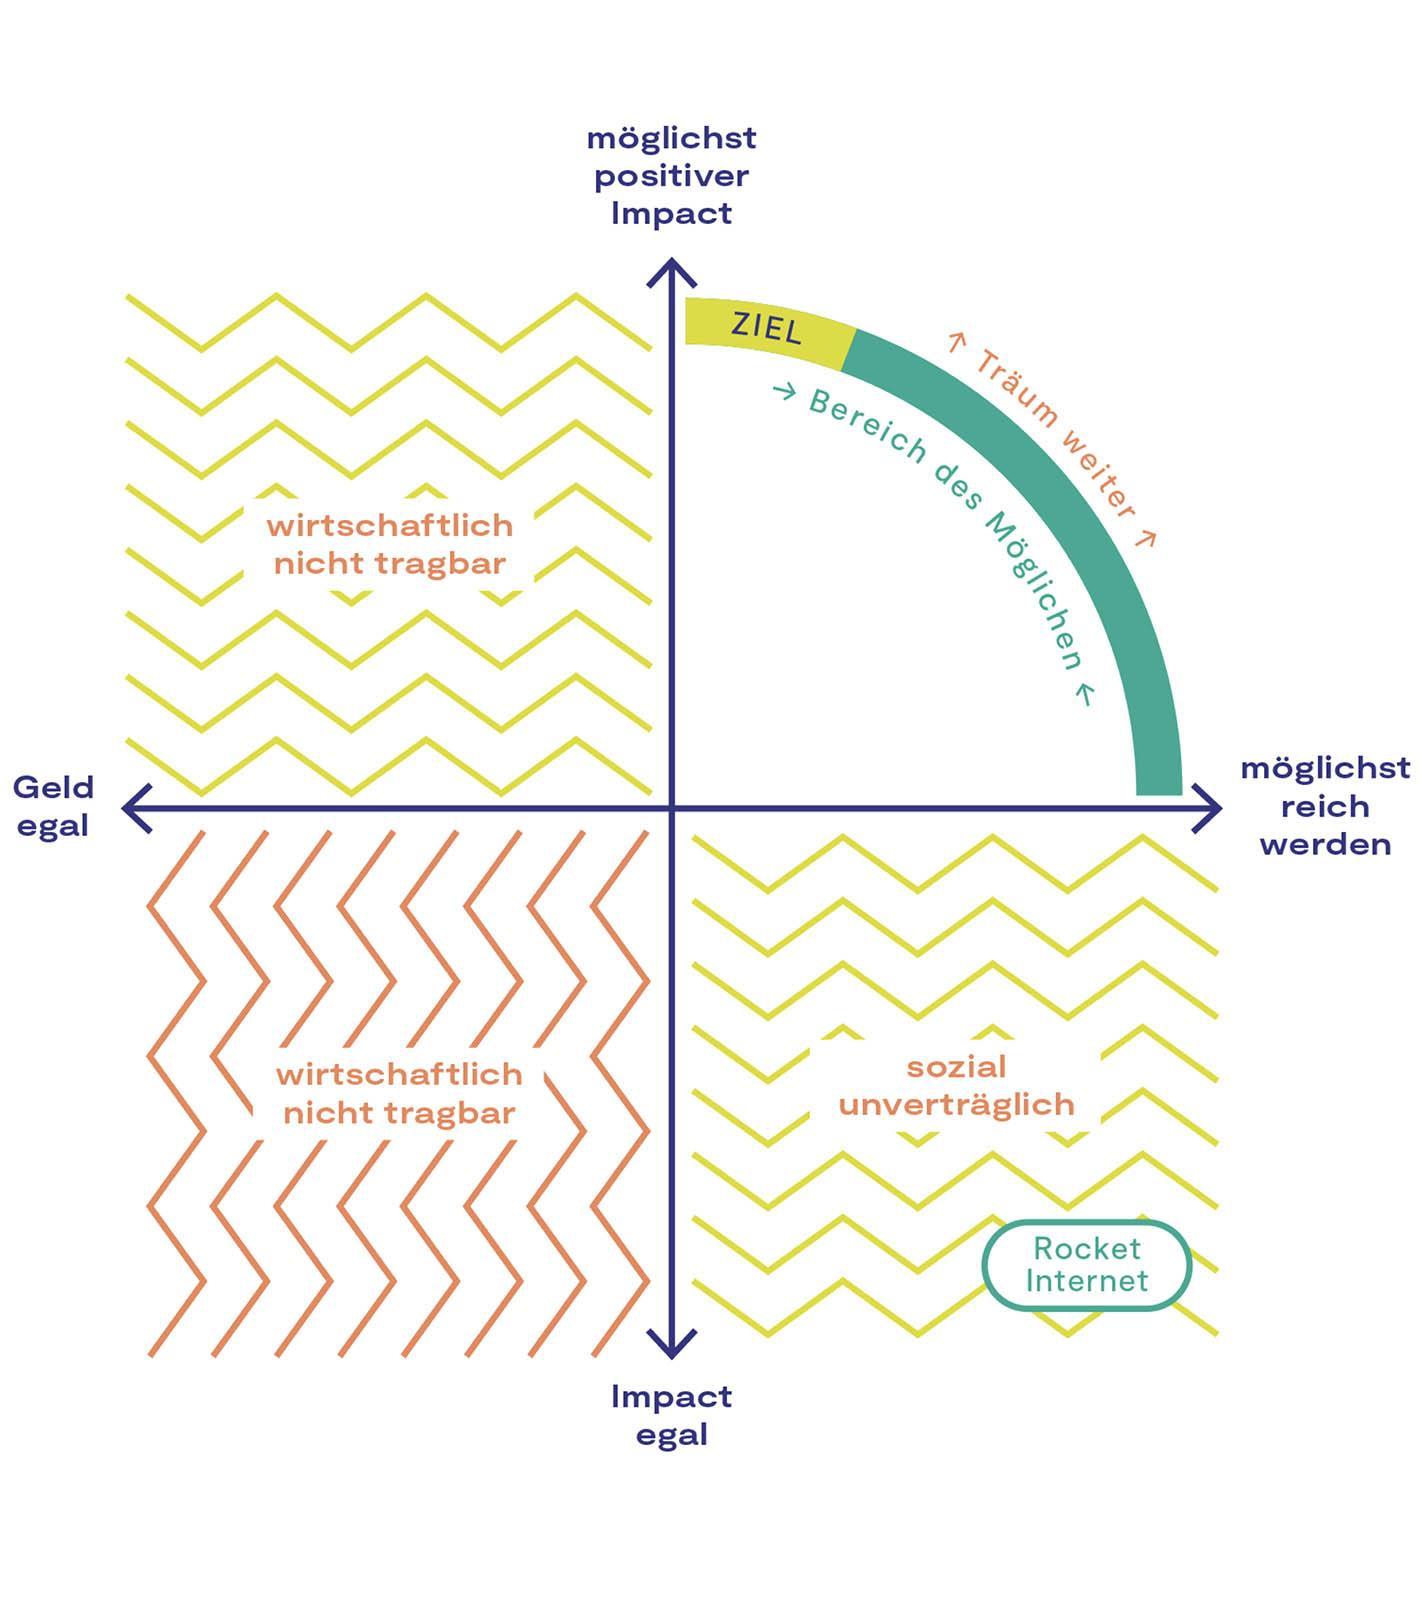 Die Impactmatrix des Verantwortungseigentums